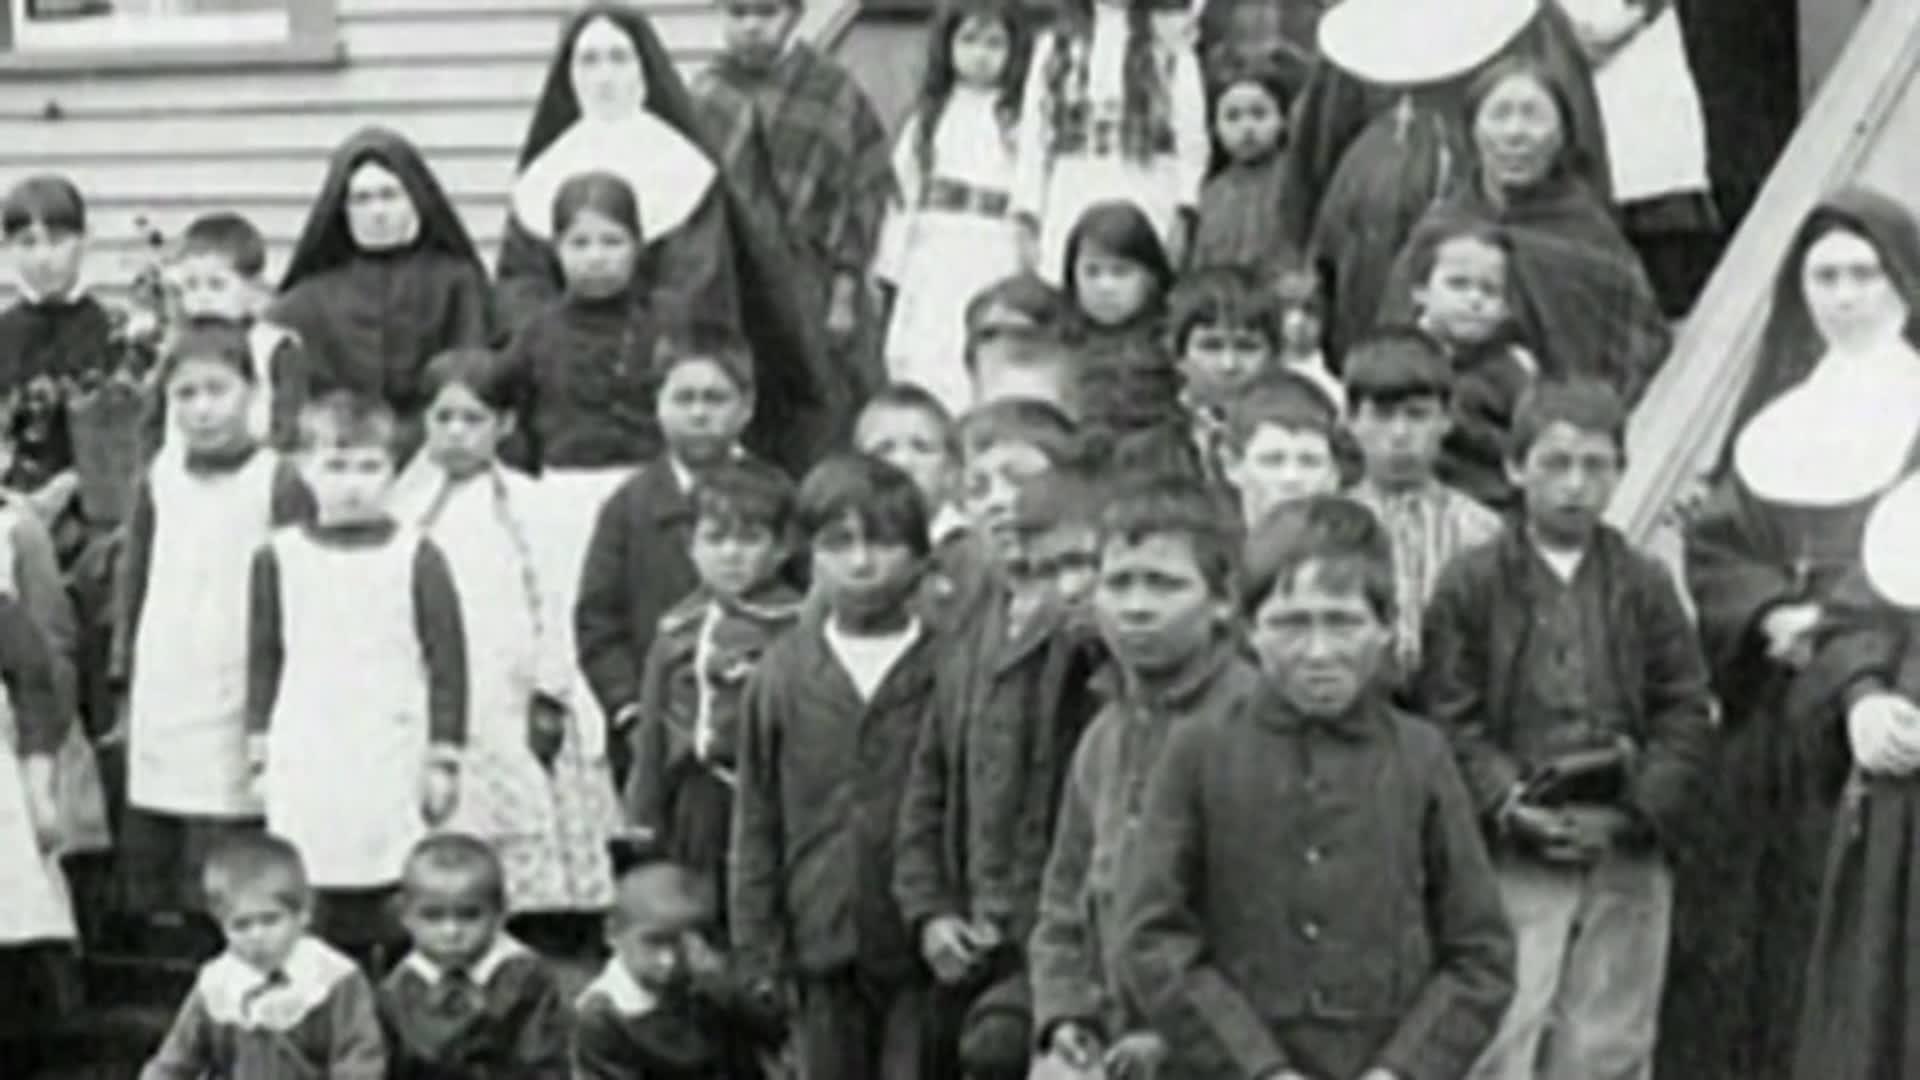 العثور على رفات 215 طفلاً أسفل مدرسة بكندا أنشئت قبل أكثر من قرن